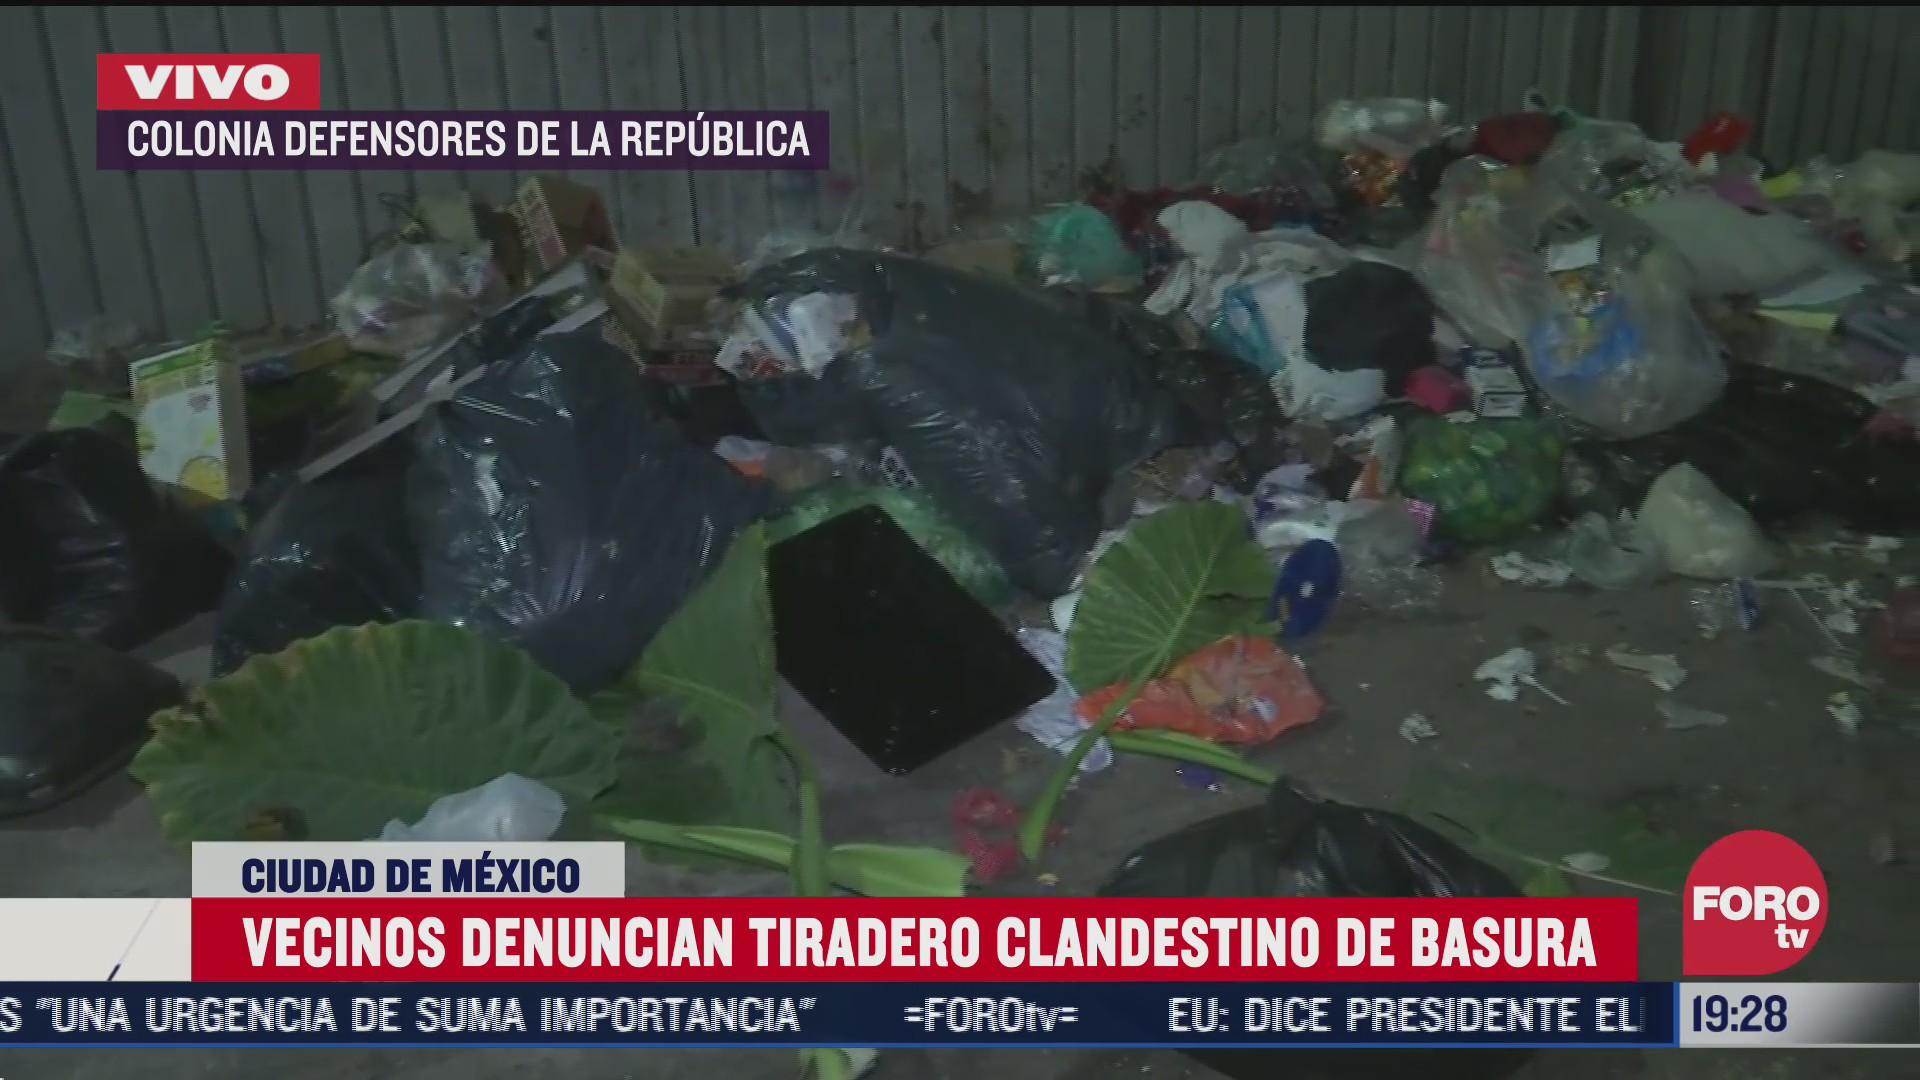 vecinos denuncian tiradero clandestino de basura en gustavo a madero